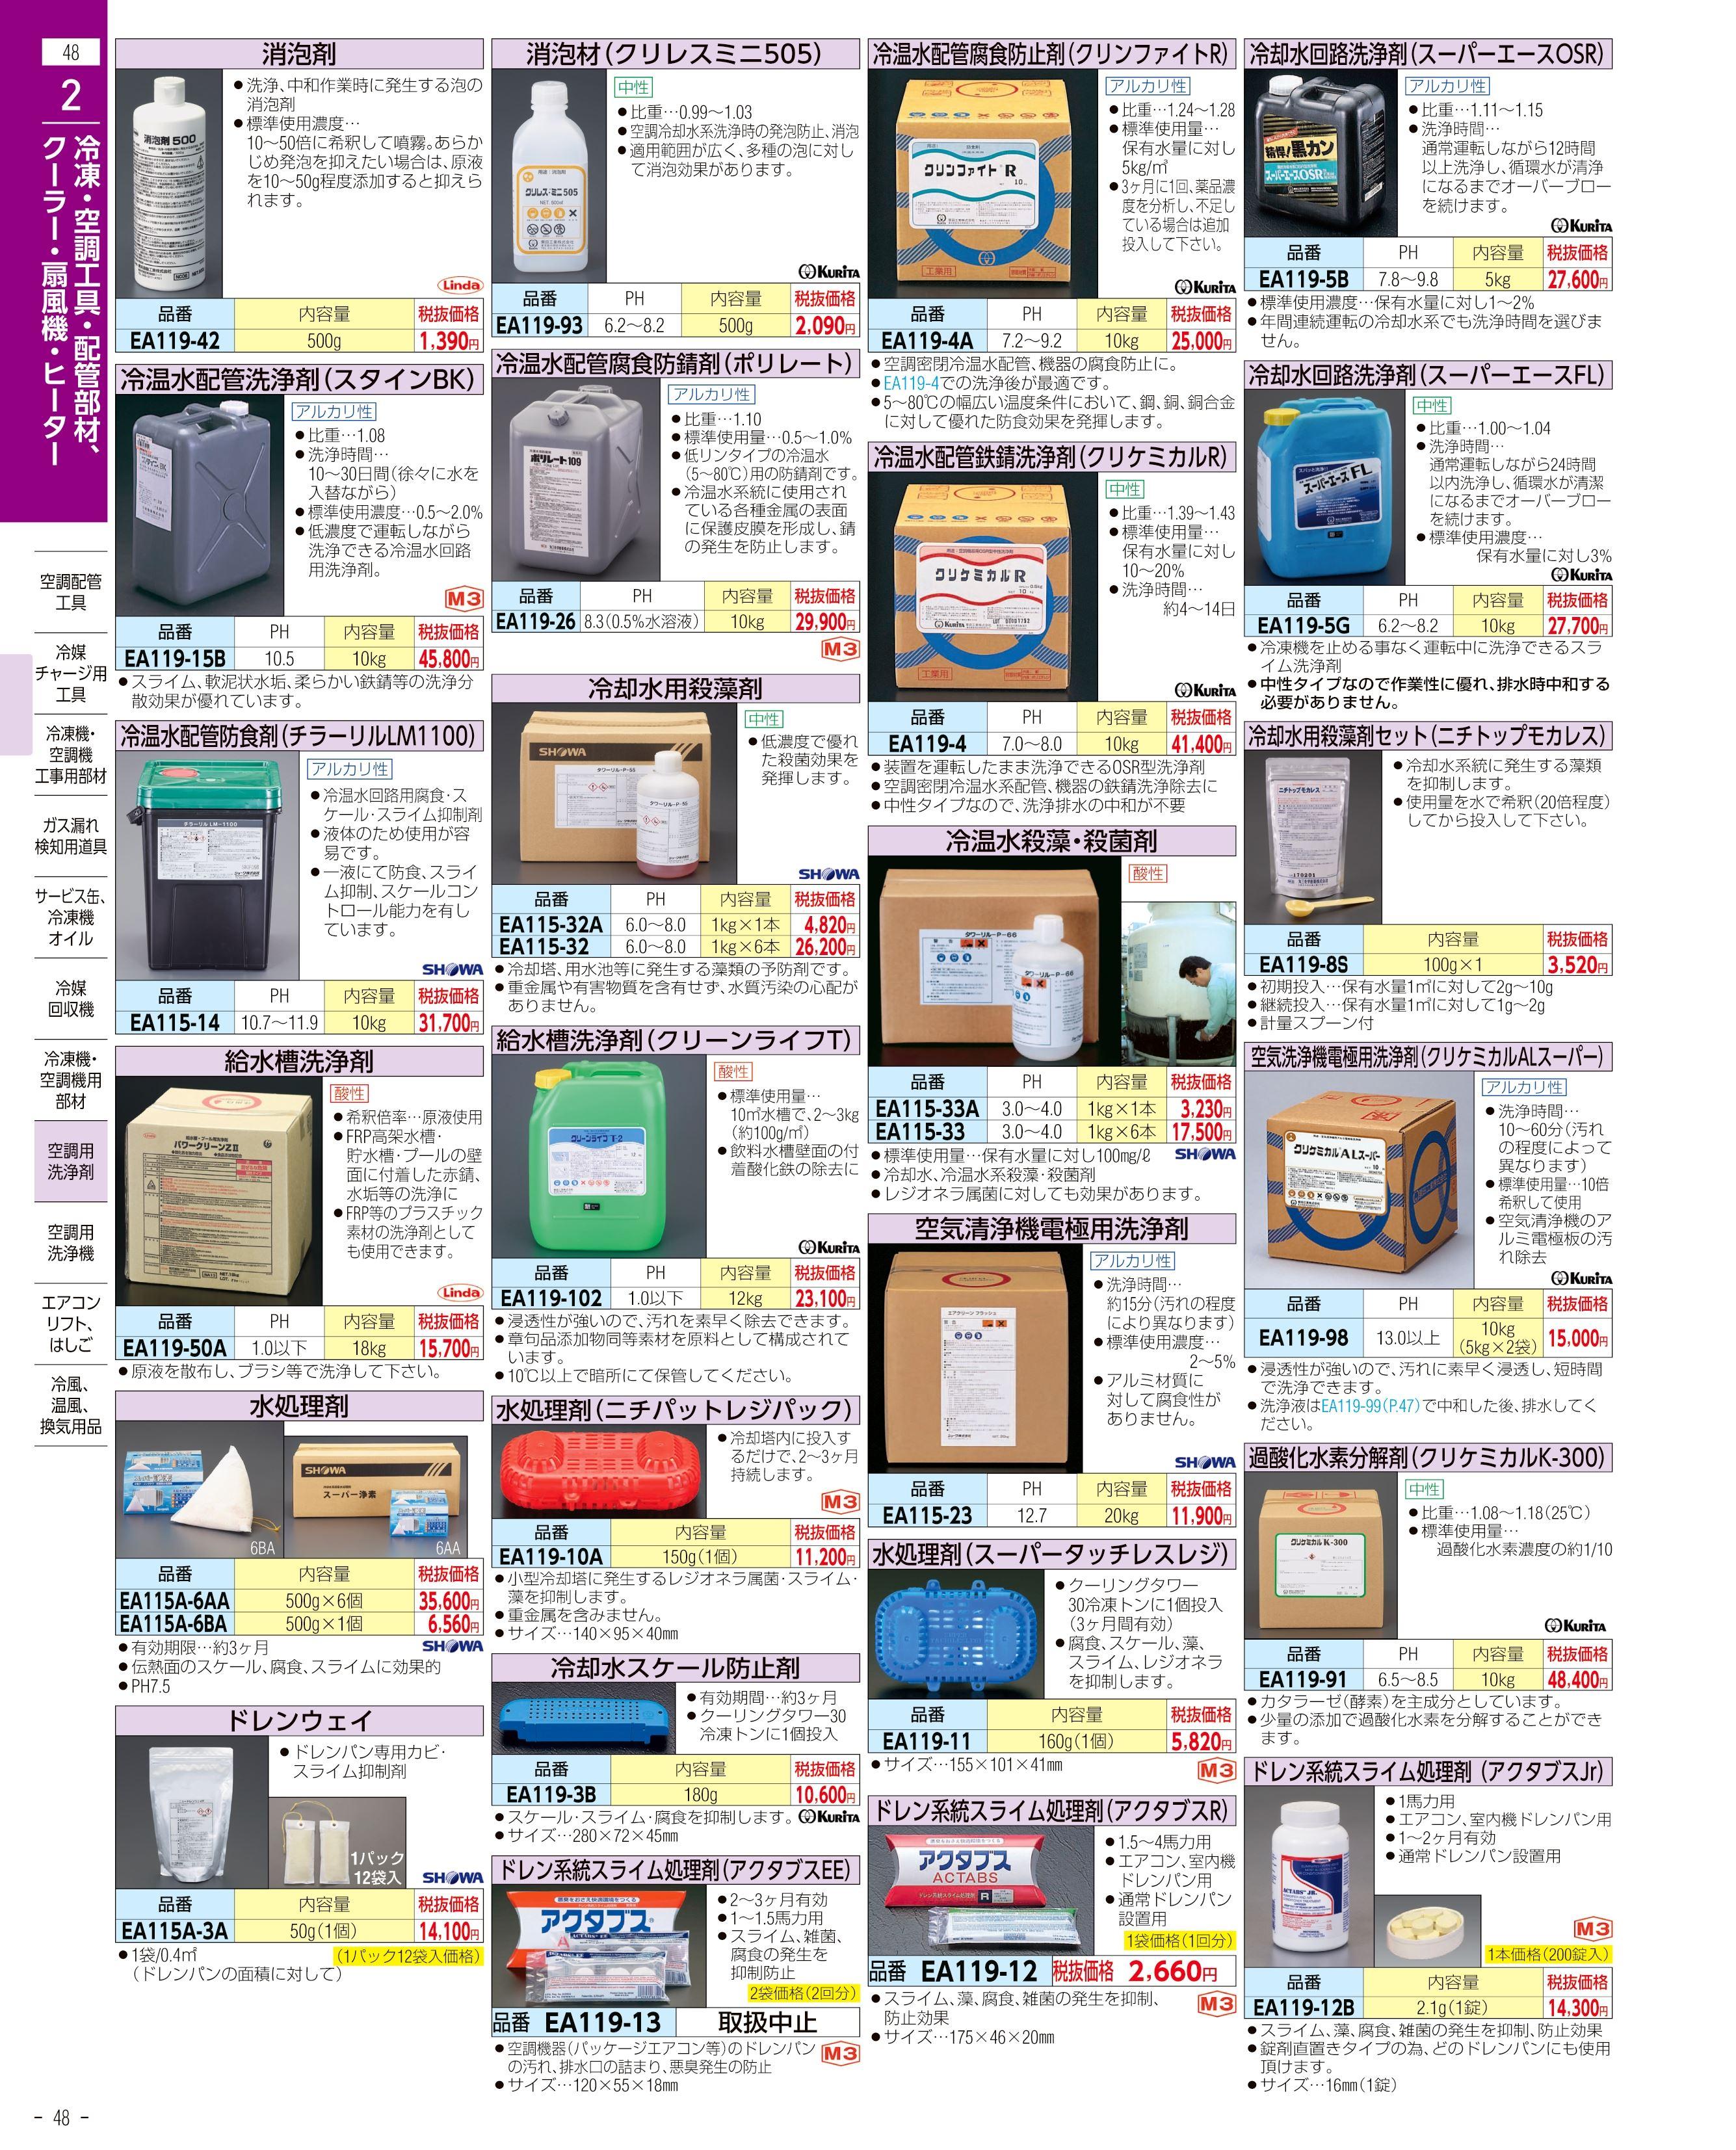 エスコ便利カタログ48ページ